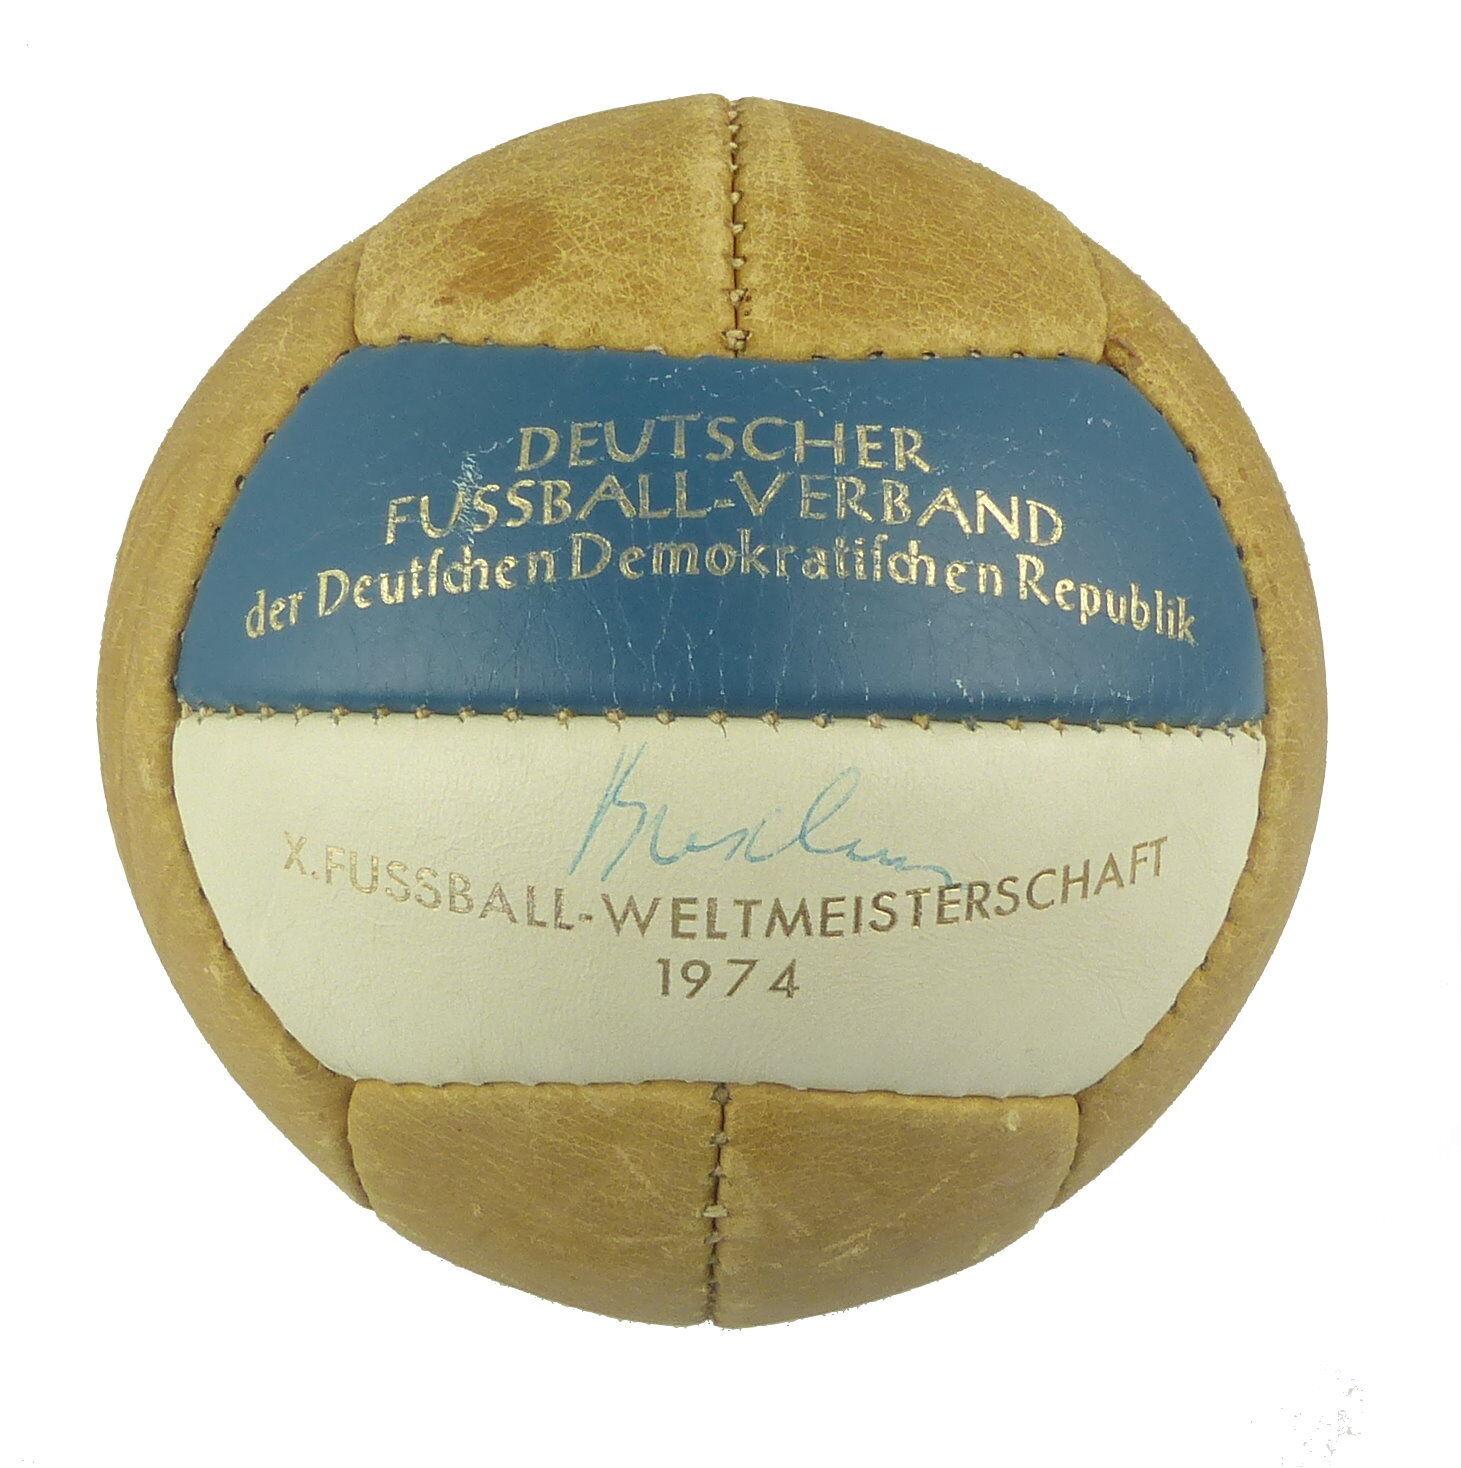 E9312 Ehrengeschenk Fußball DDR WM 1974 DDR Fußball gegen BRD mit Unterschriften der Spieler 00be08